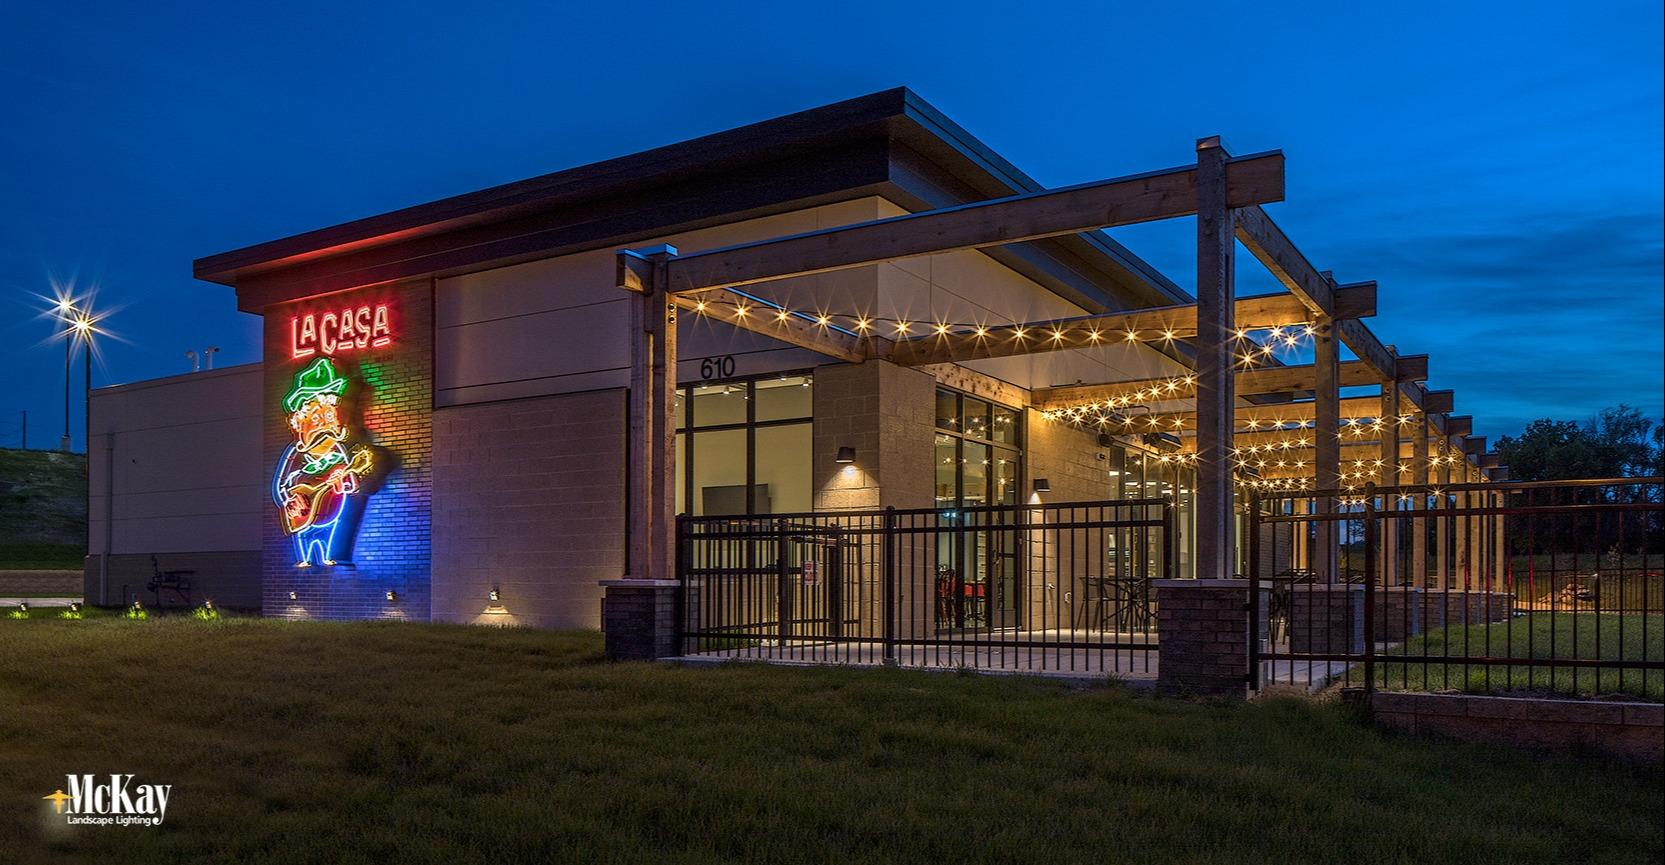 Outdoor Restaurant Patio Lighting Mckay Landscape